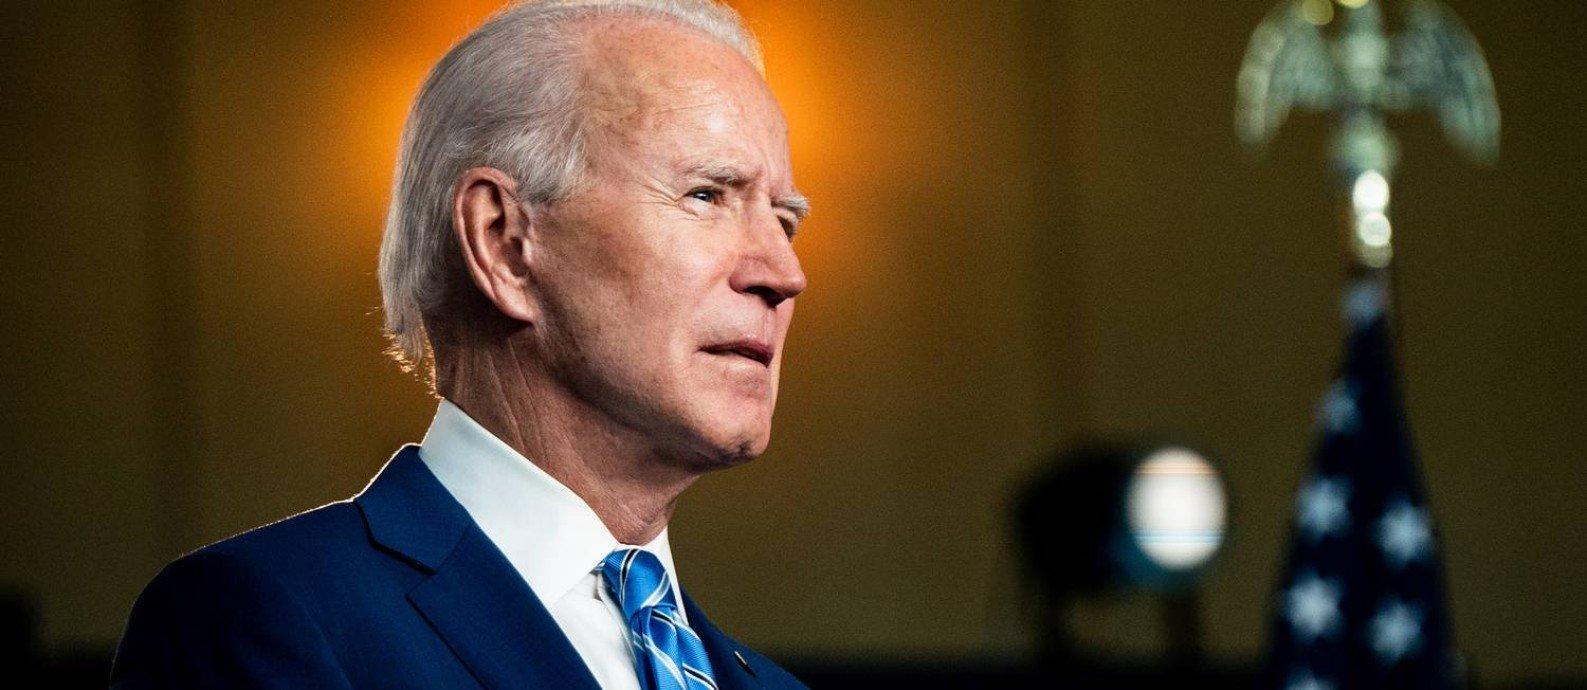 """Barack Obama parabeniza Joe Biden: """"Não poderia estar mais orgulhoso"""" - Imagem 2"""